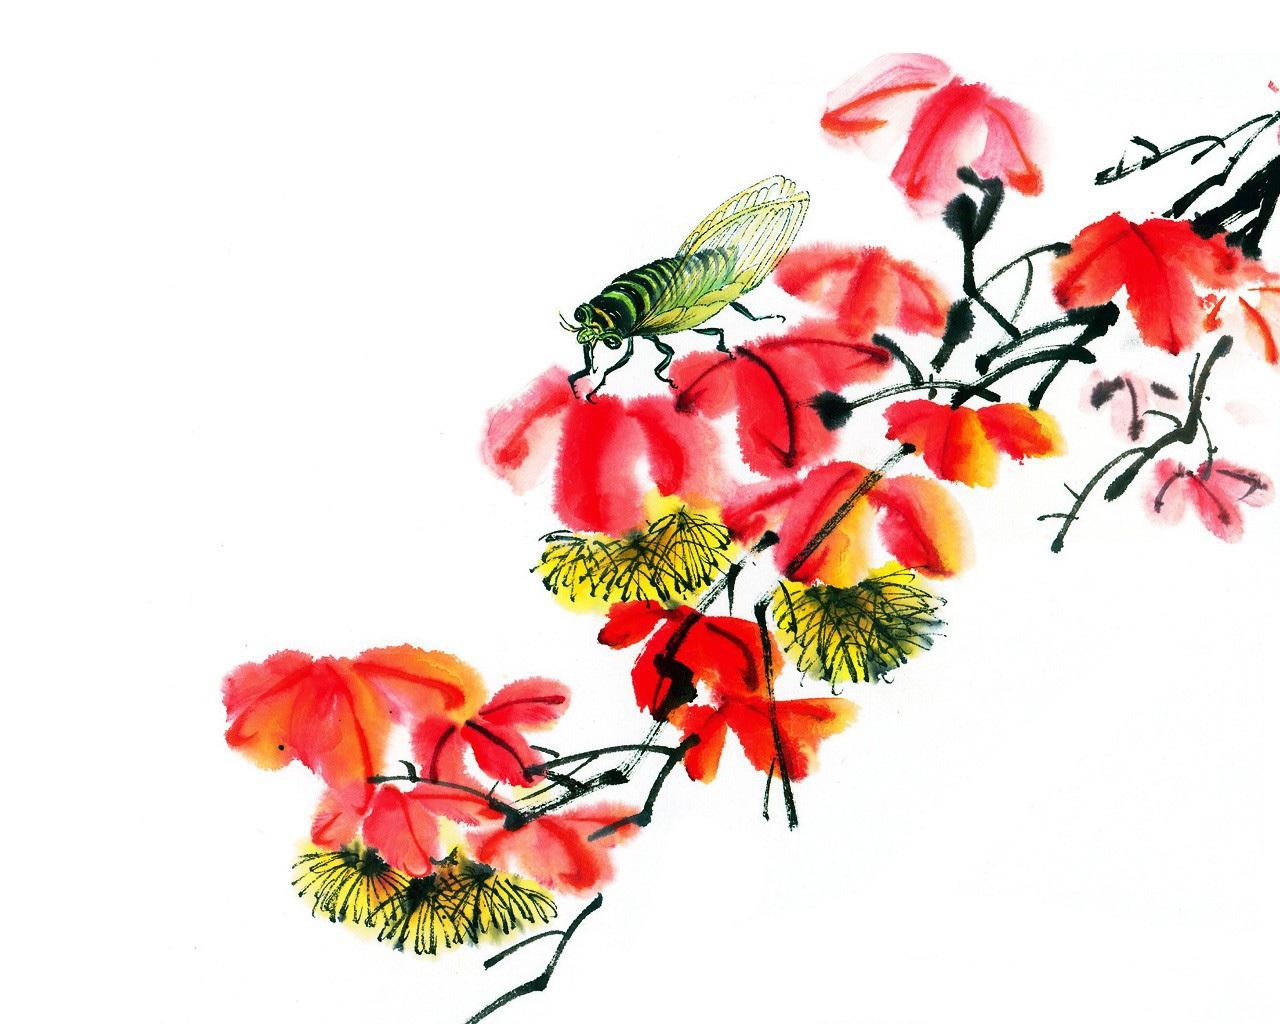 中国 水墨 画 壁纸 中国 画 王 雪涛 中国 画